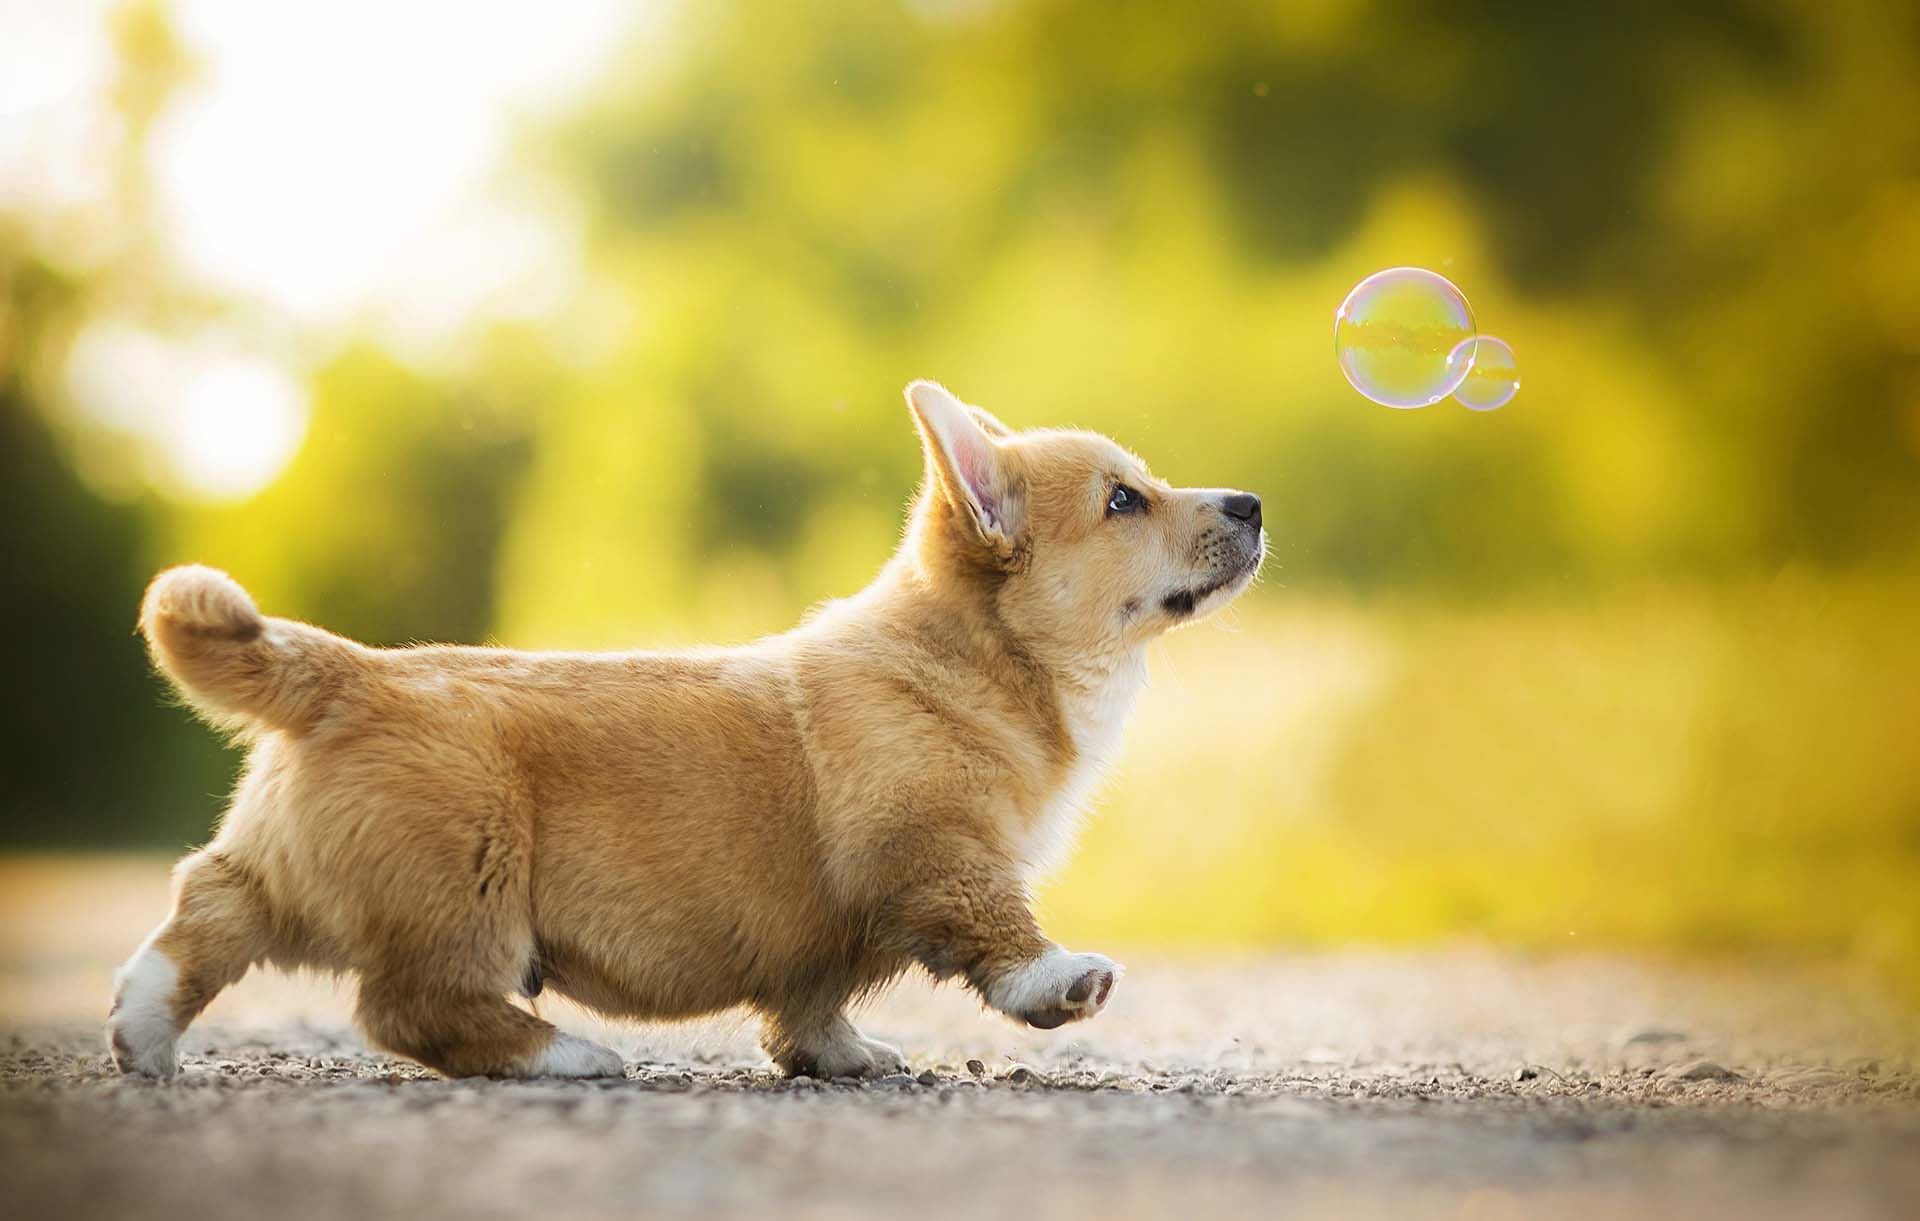 Cách huấn luyện chó sủa và im lặng theo yêu cầu